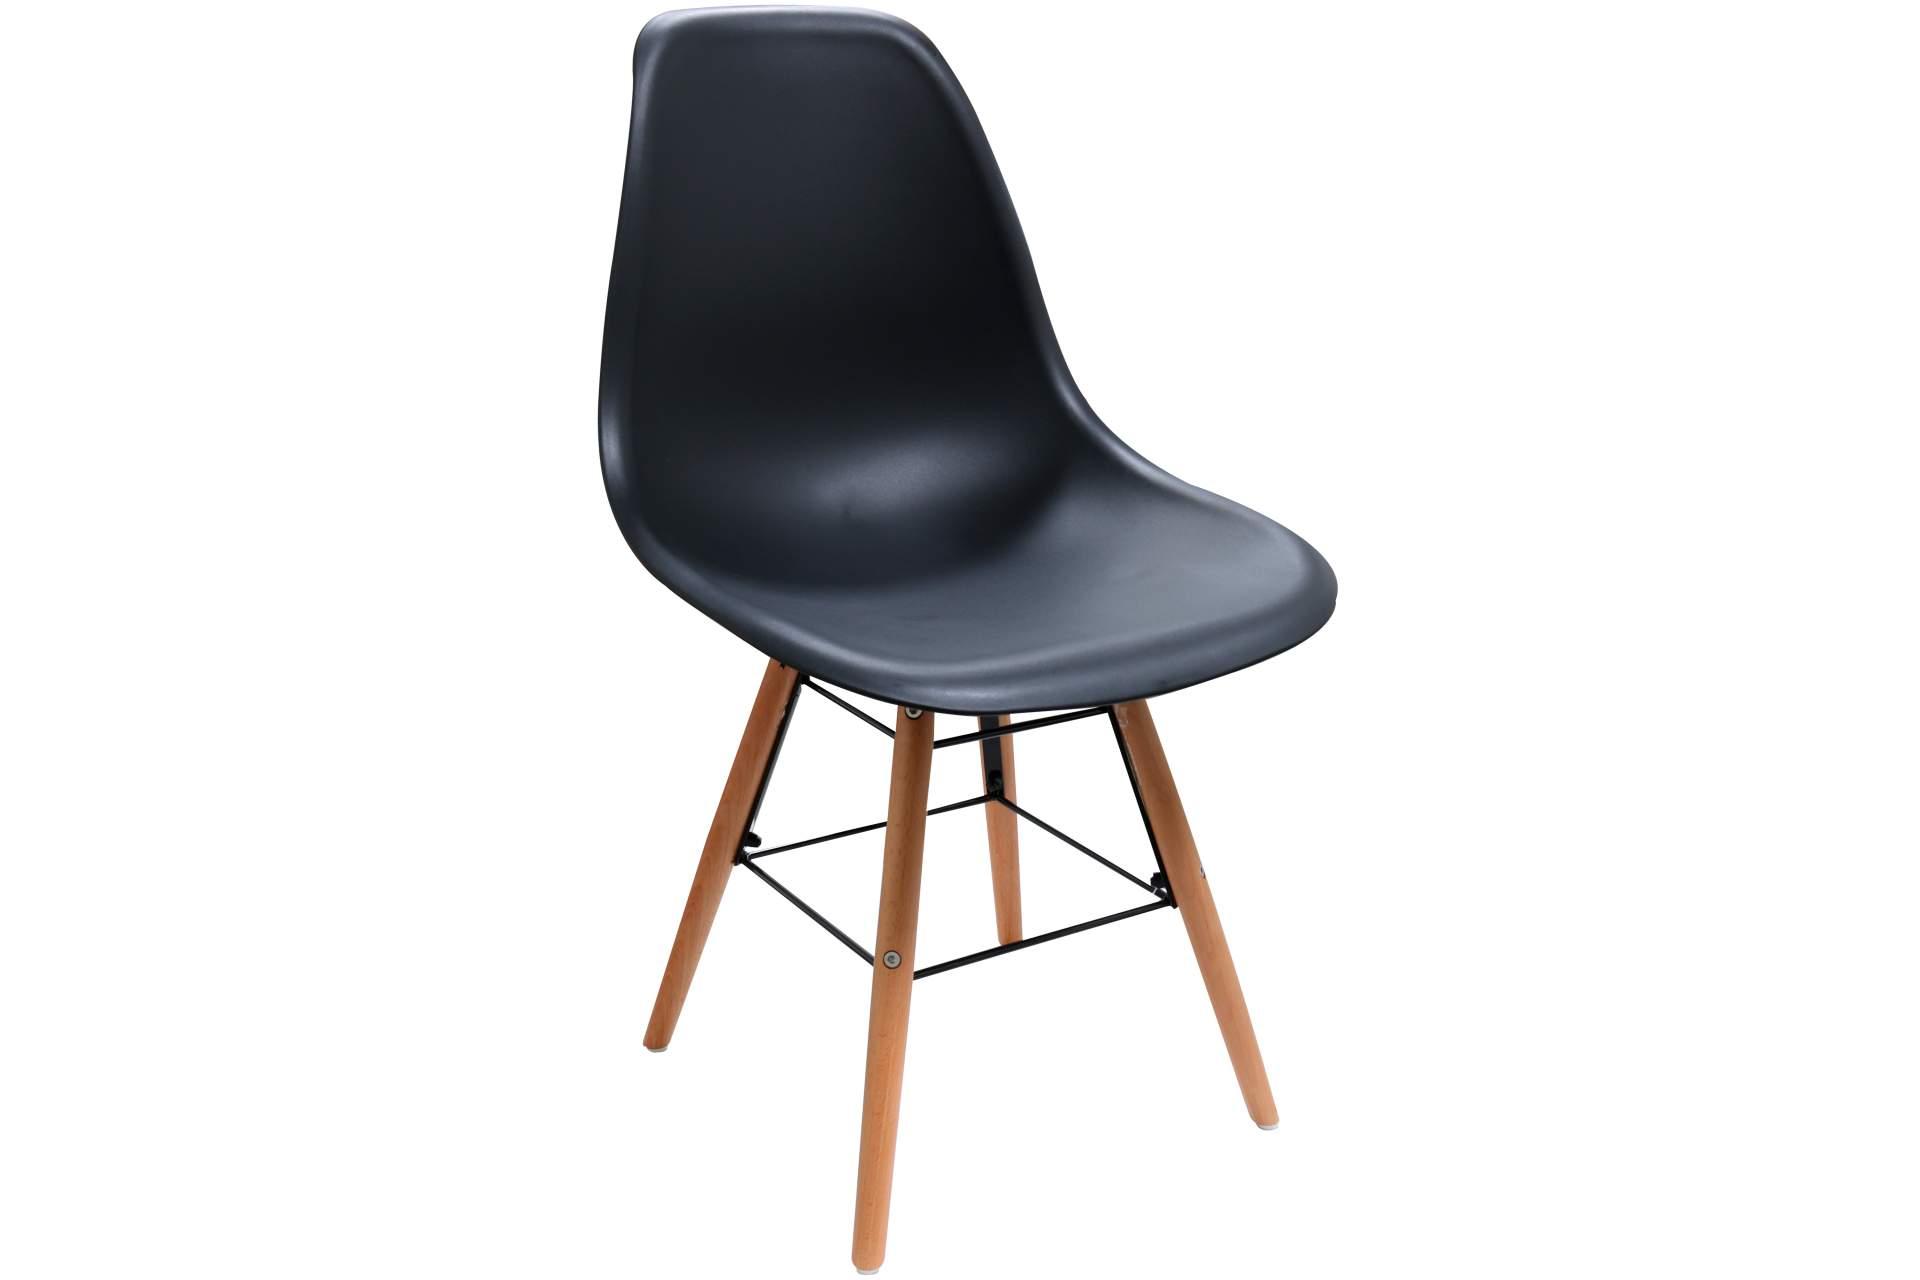 Design stuhl scandinavia modell schwarz im retro stil for Stuhl scandinavian design